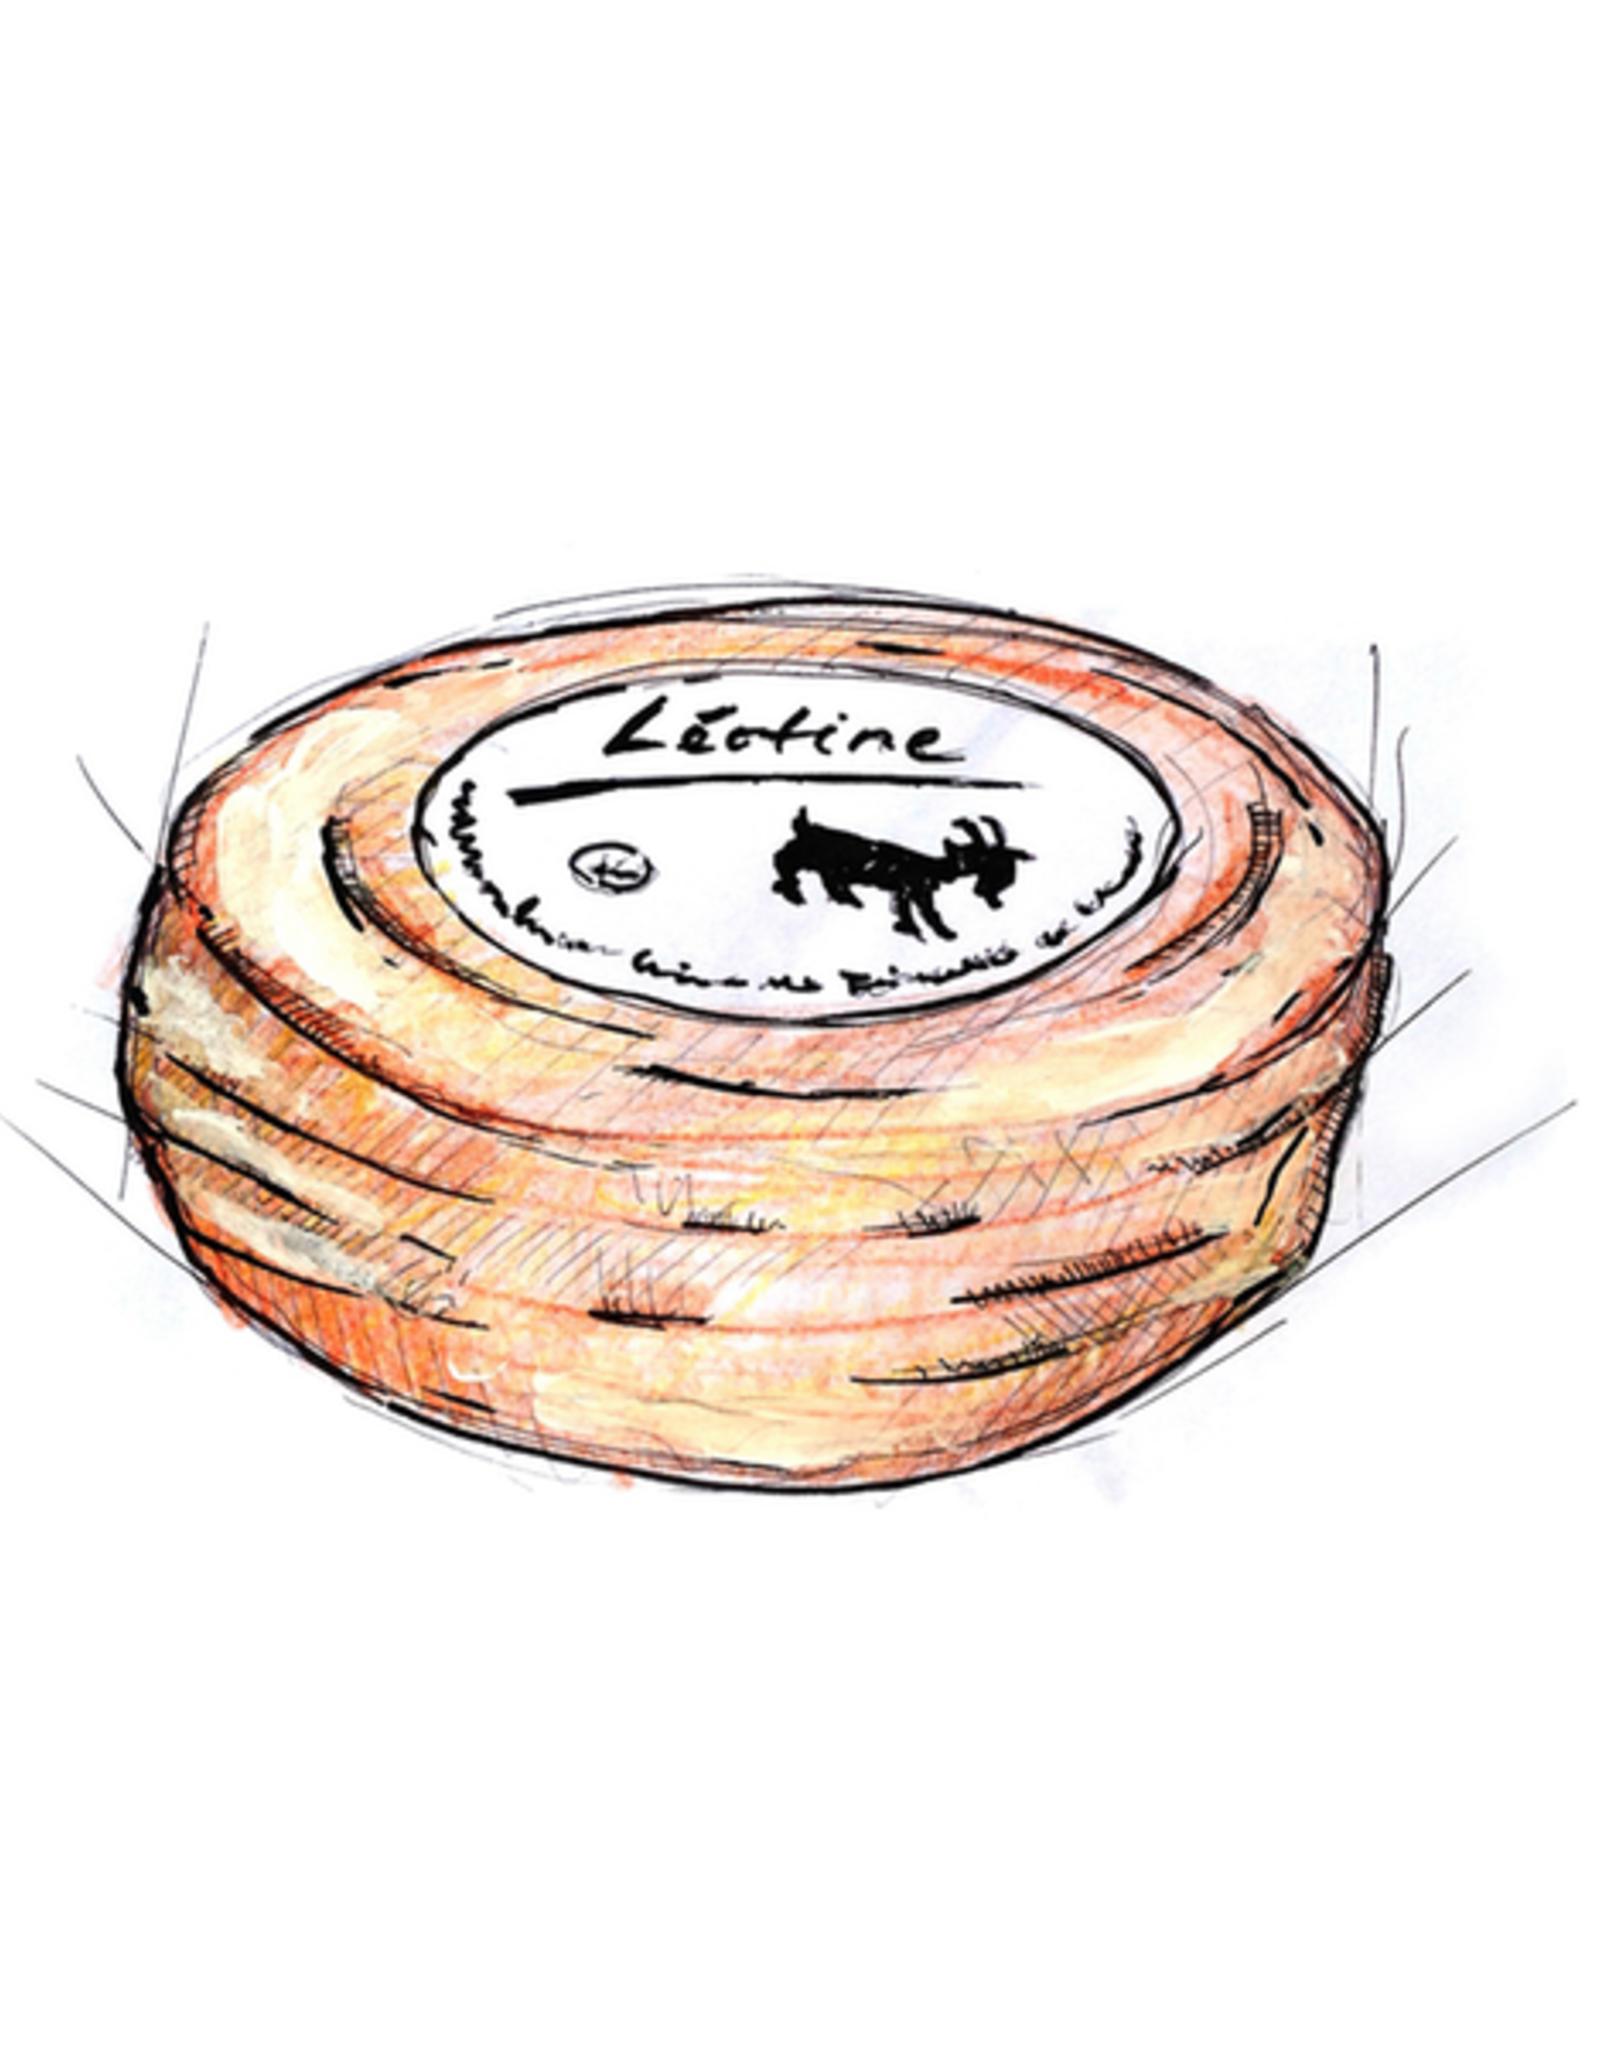 Léotine, 180 g - Weissschimmelkäse aus Ziegenmilch